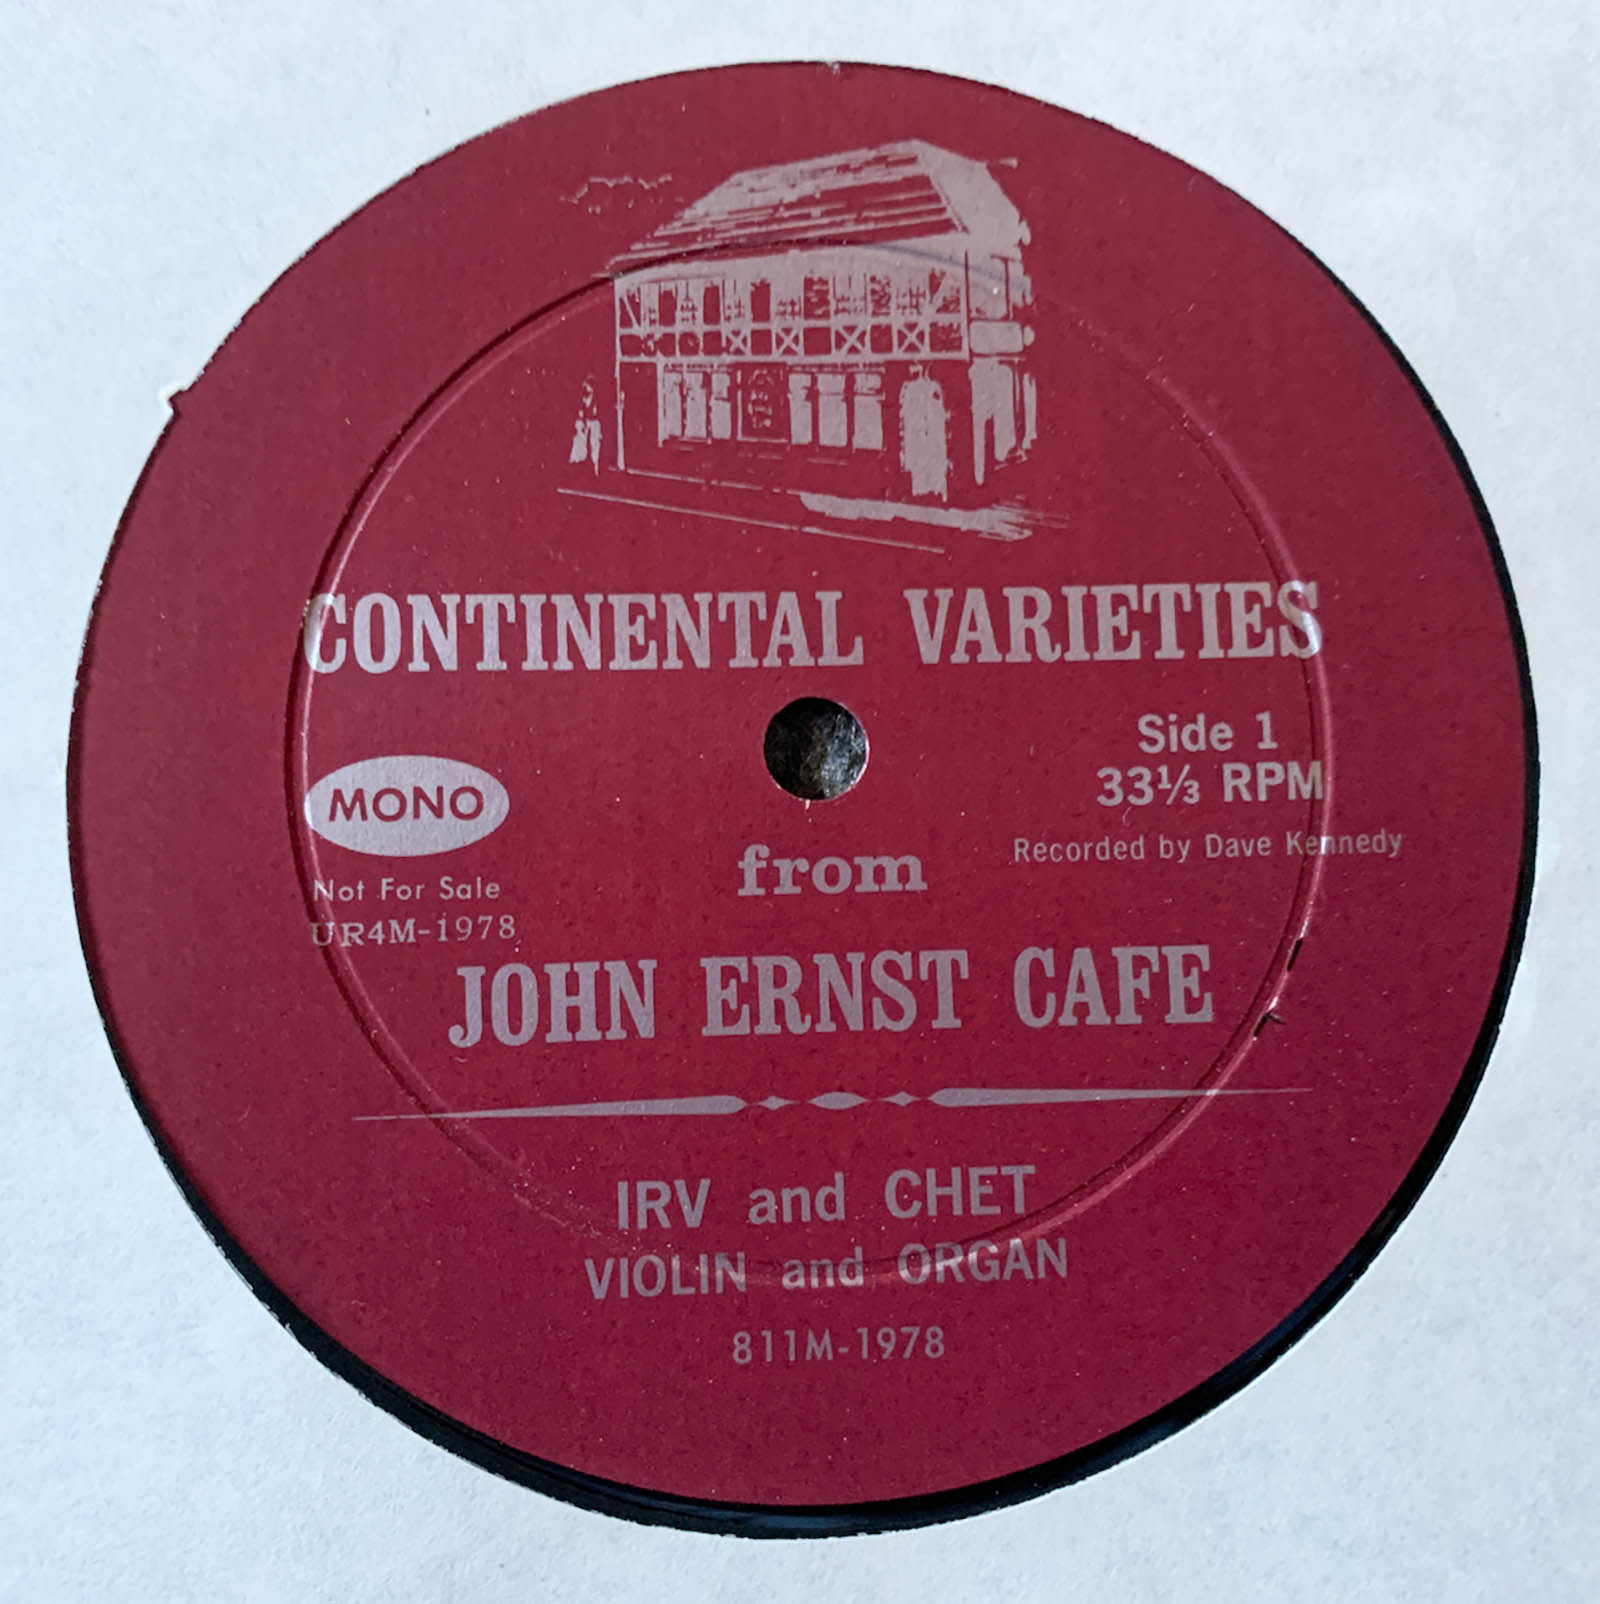 John Ernst Cafe